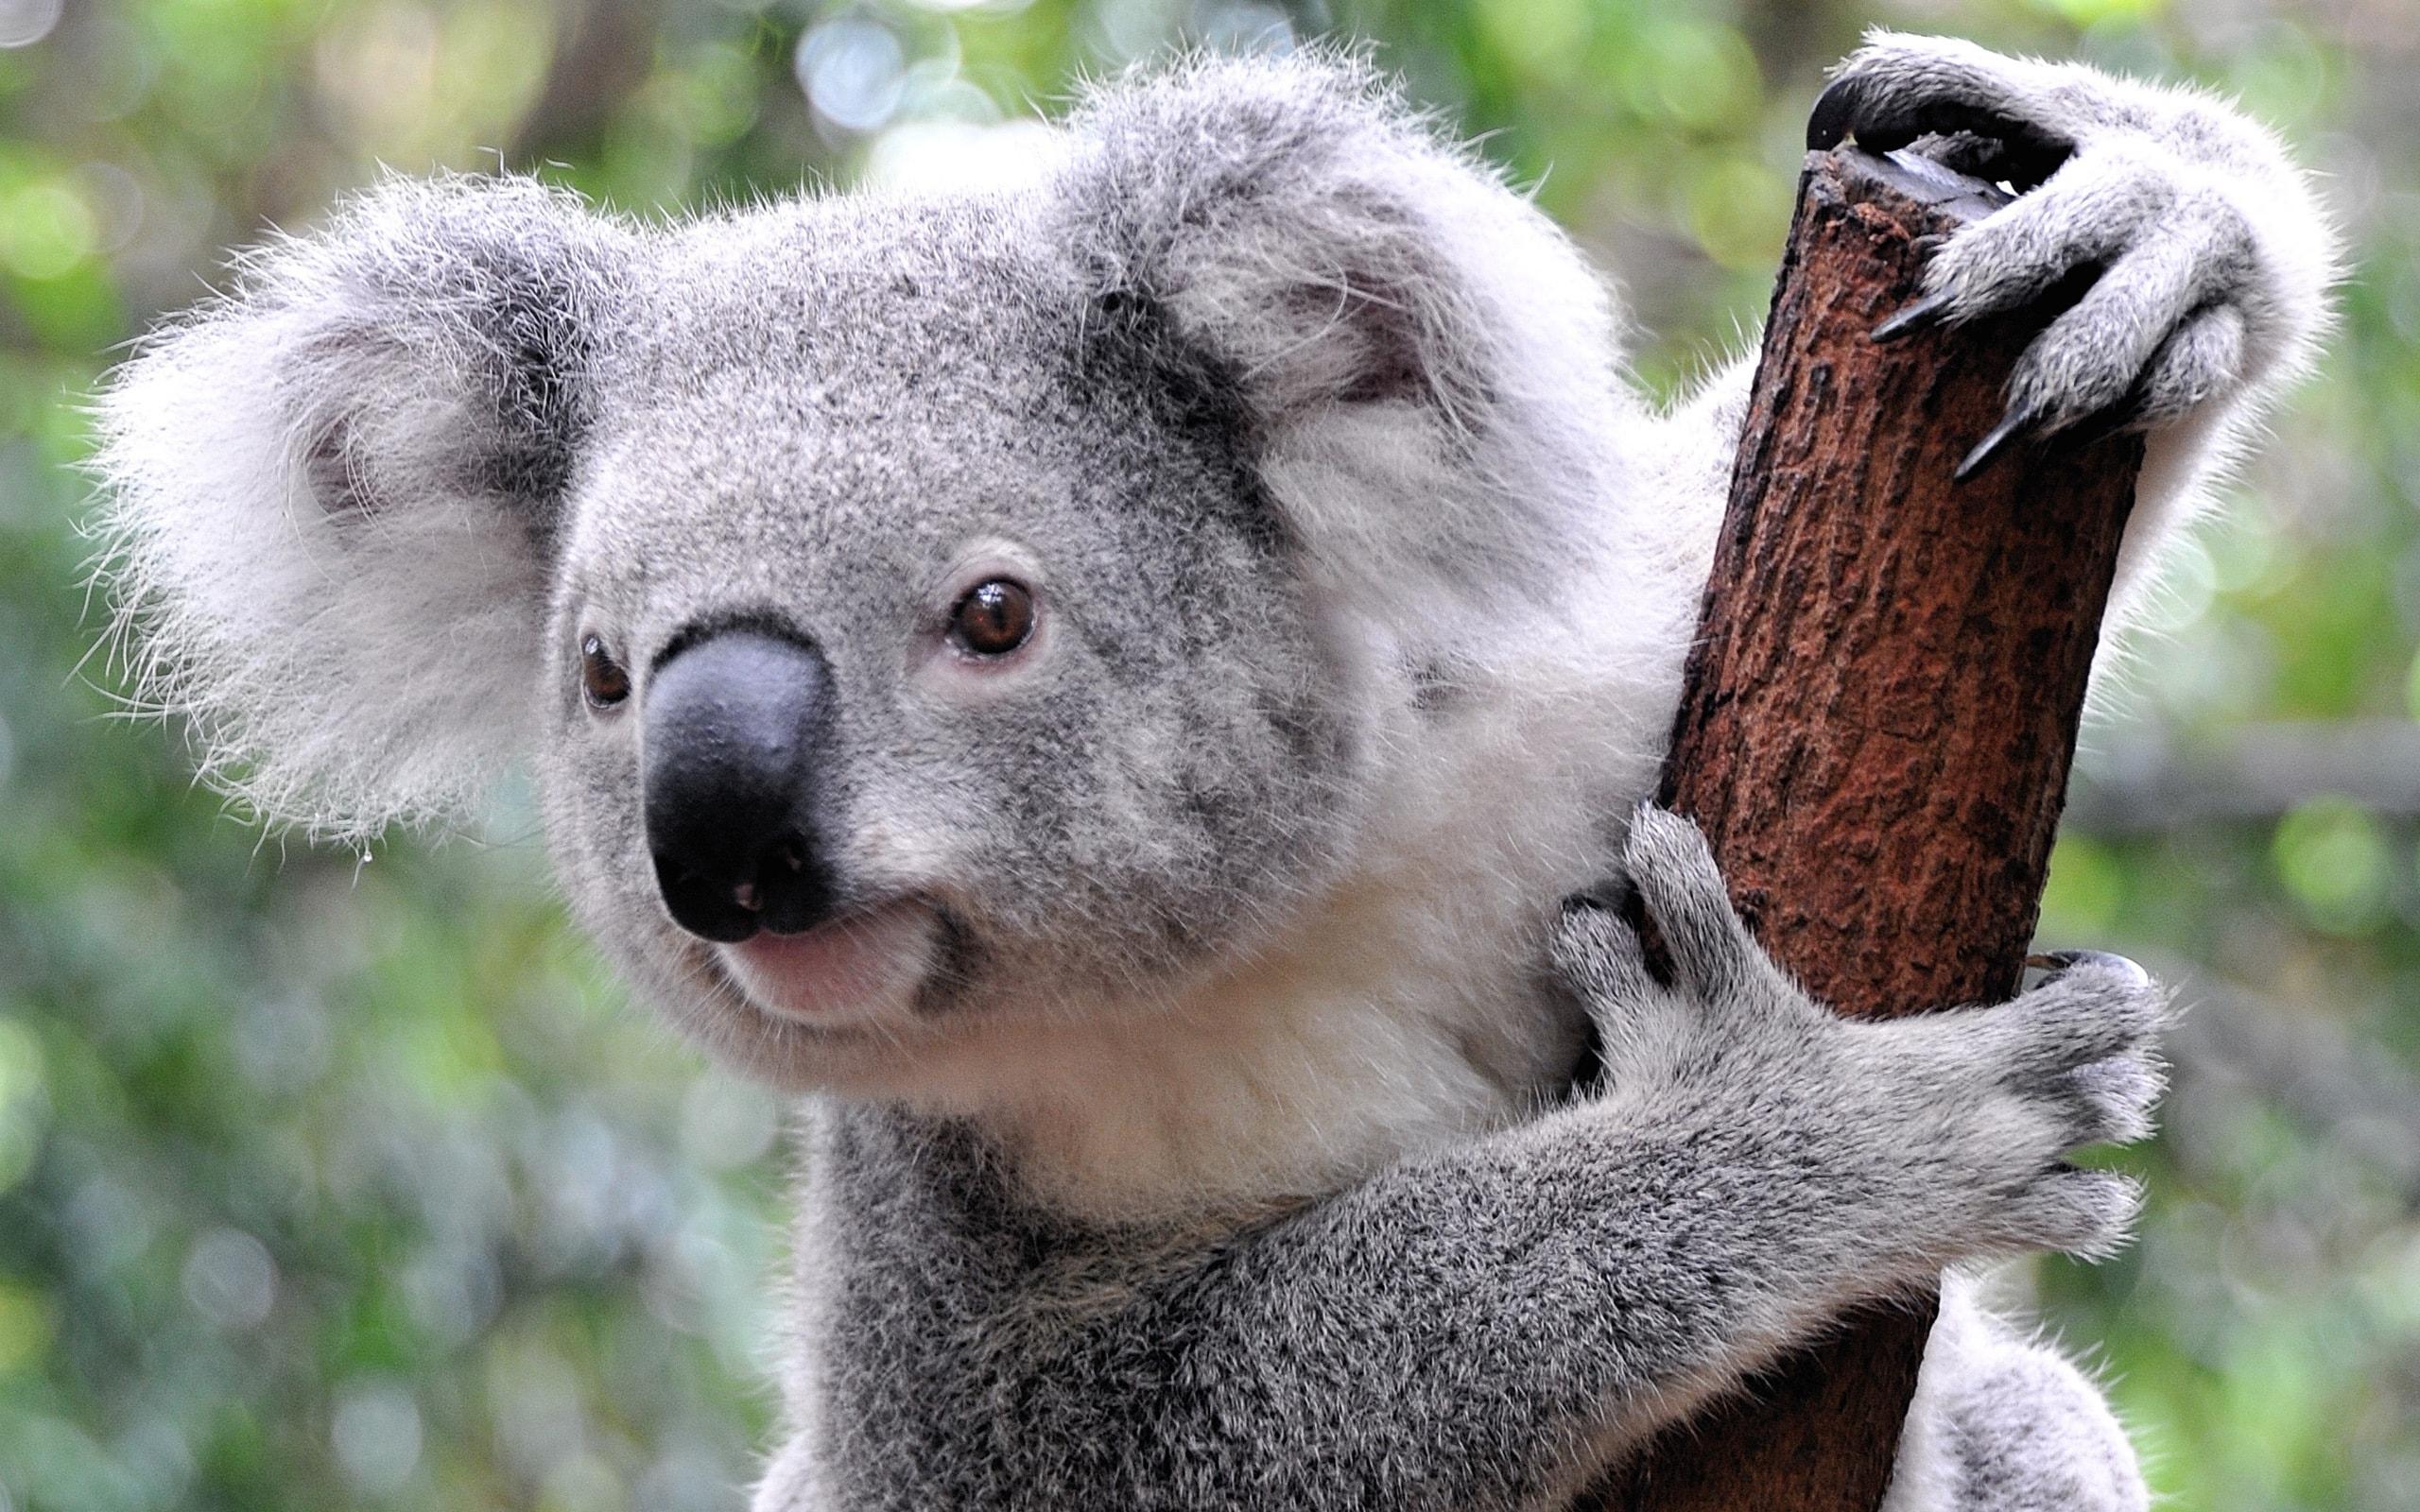 Koala HD Wallpapers   7wallpapers.net